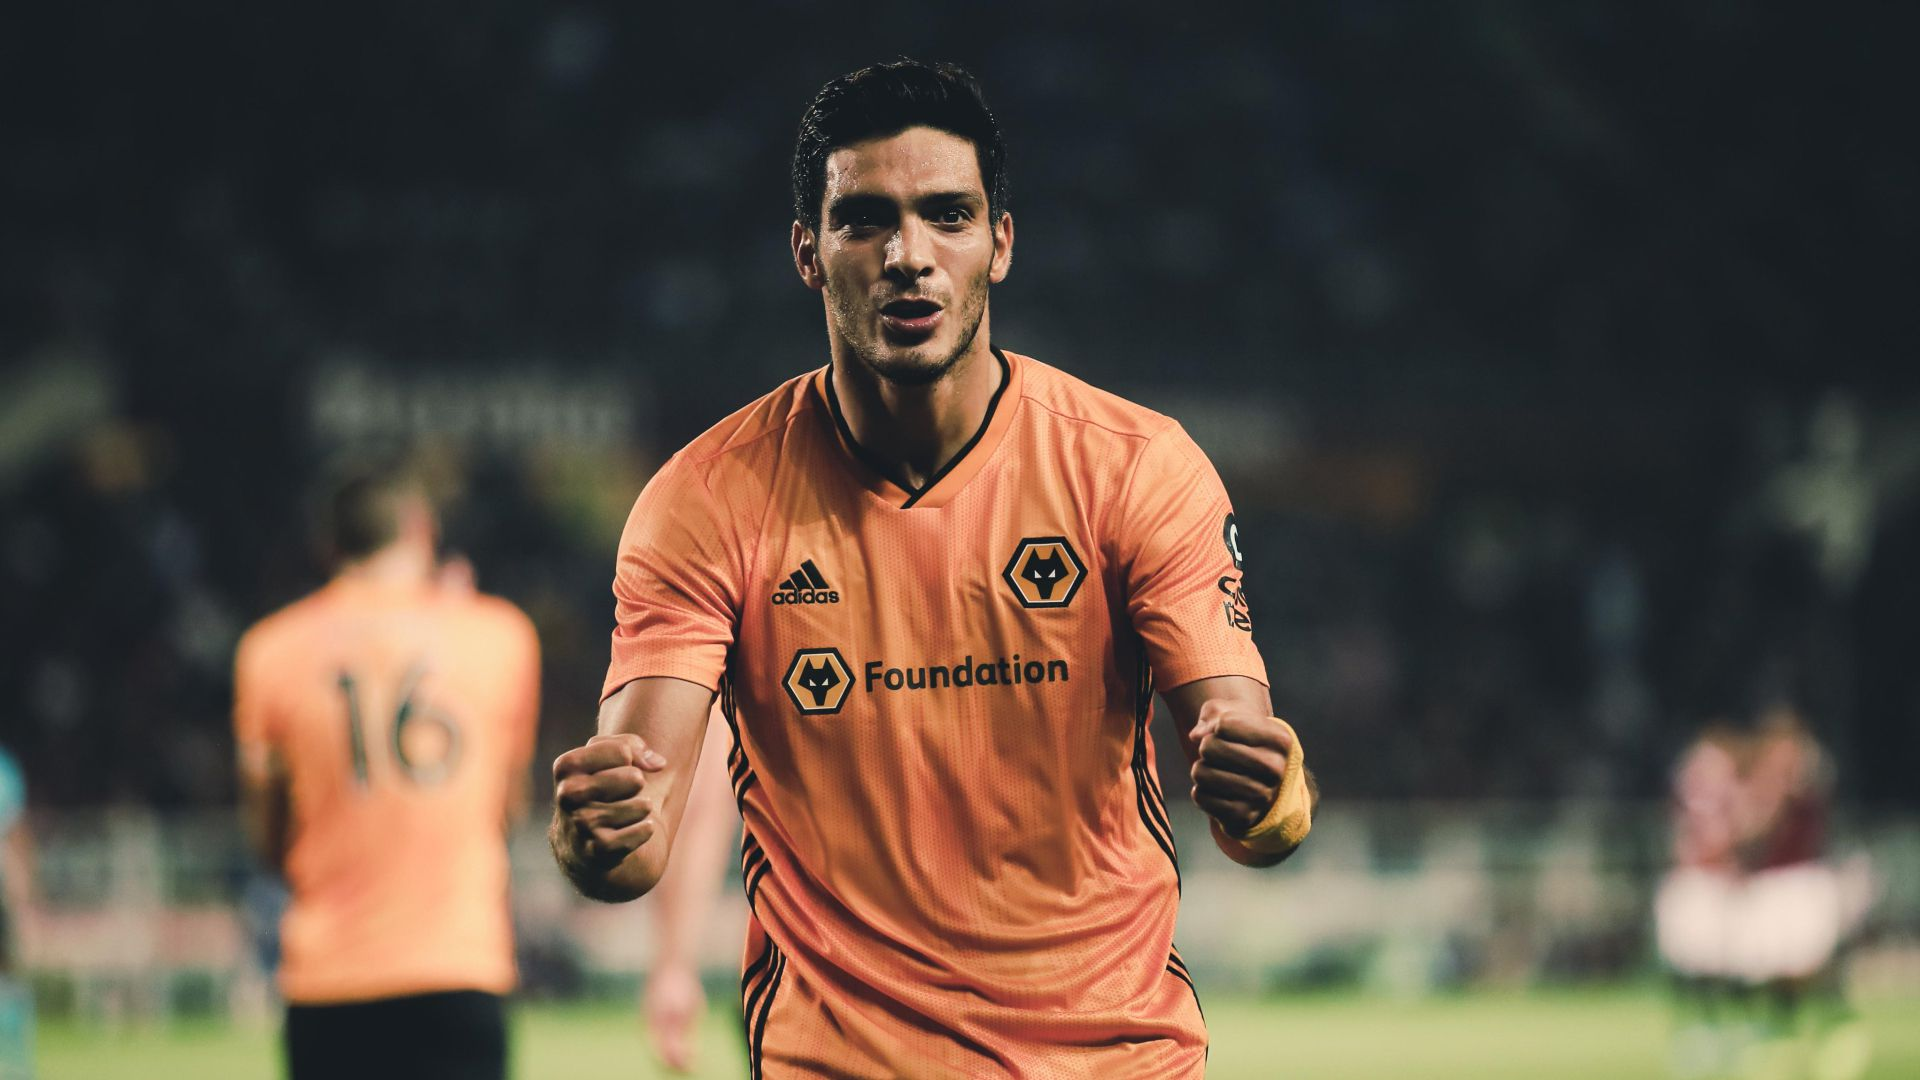 El seleccionado mexicano ha tenido un gran inicio de temporada a nivel europeo (Foto: Wolverhampton Wanderers)